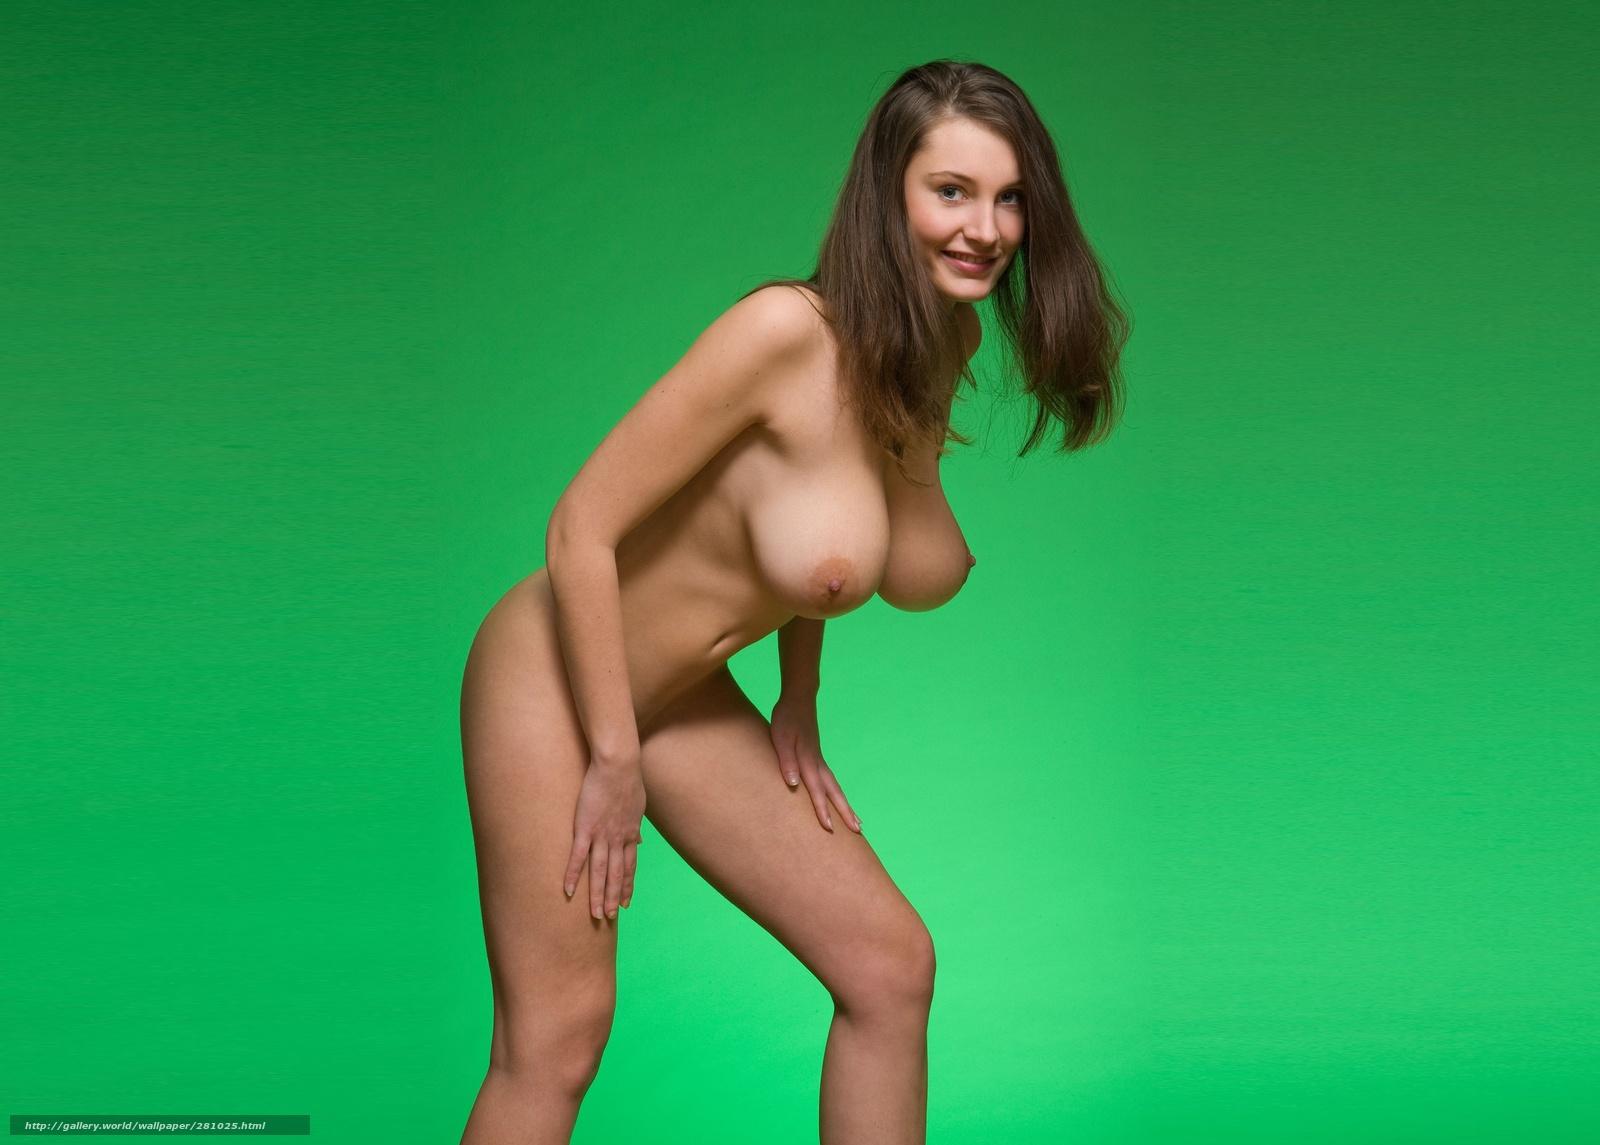 Стройная с большей грудью онлайн 29 фотография